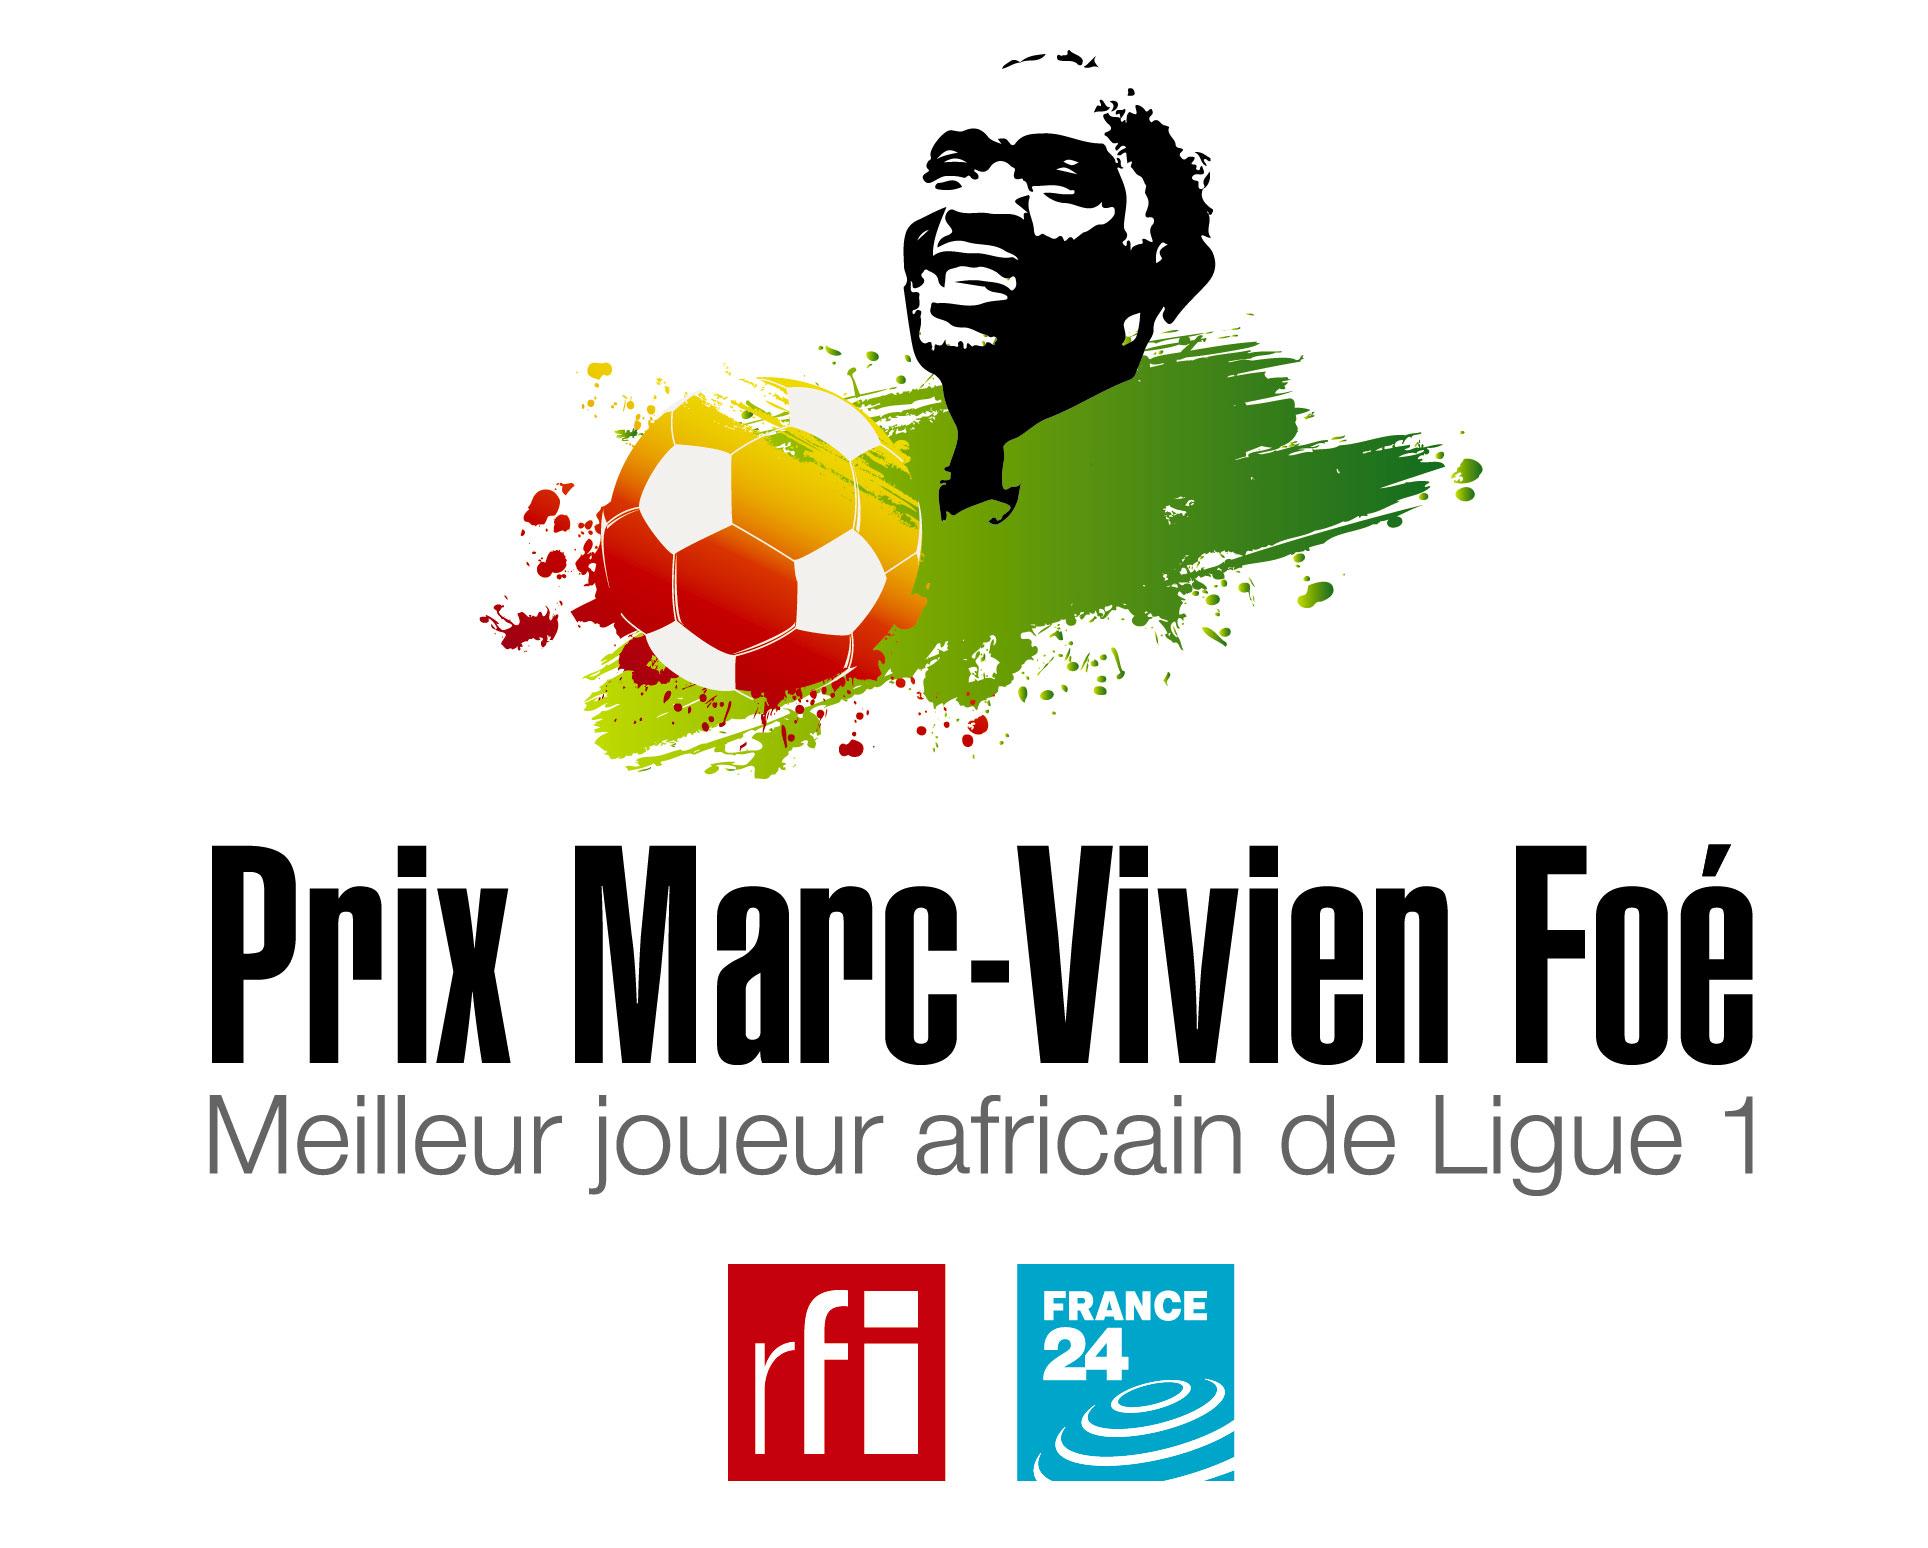 Onze finalistes au Prix Marc-Vivien Foé 2021 RFI - France 24